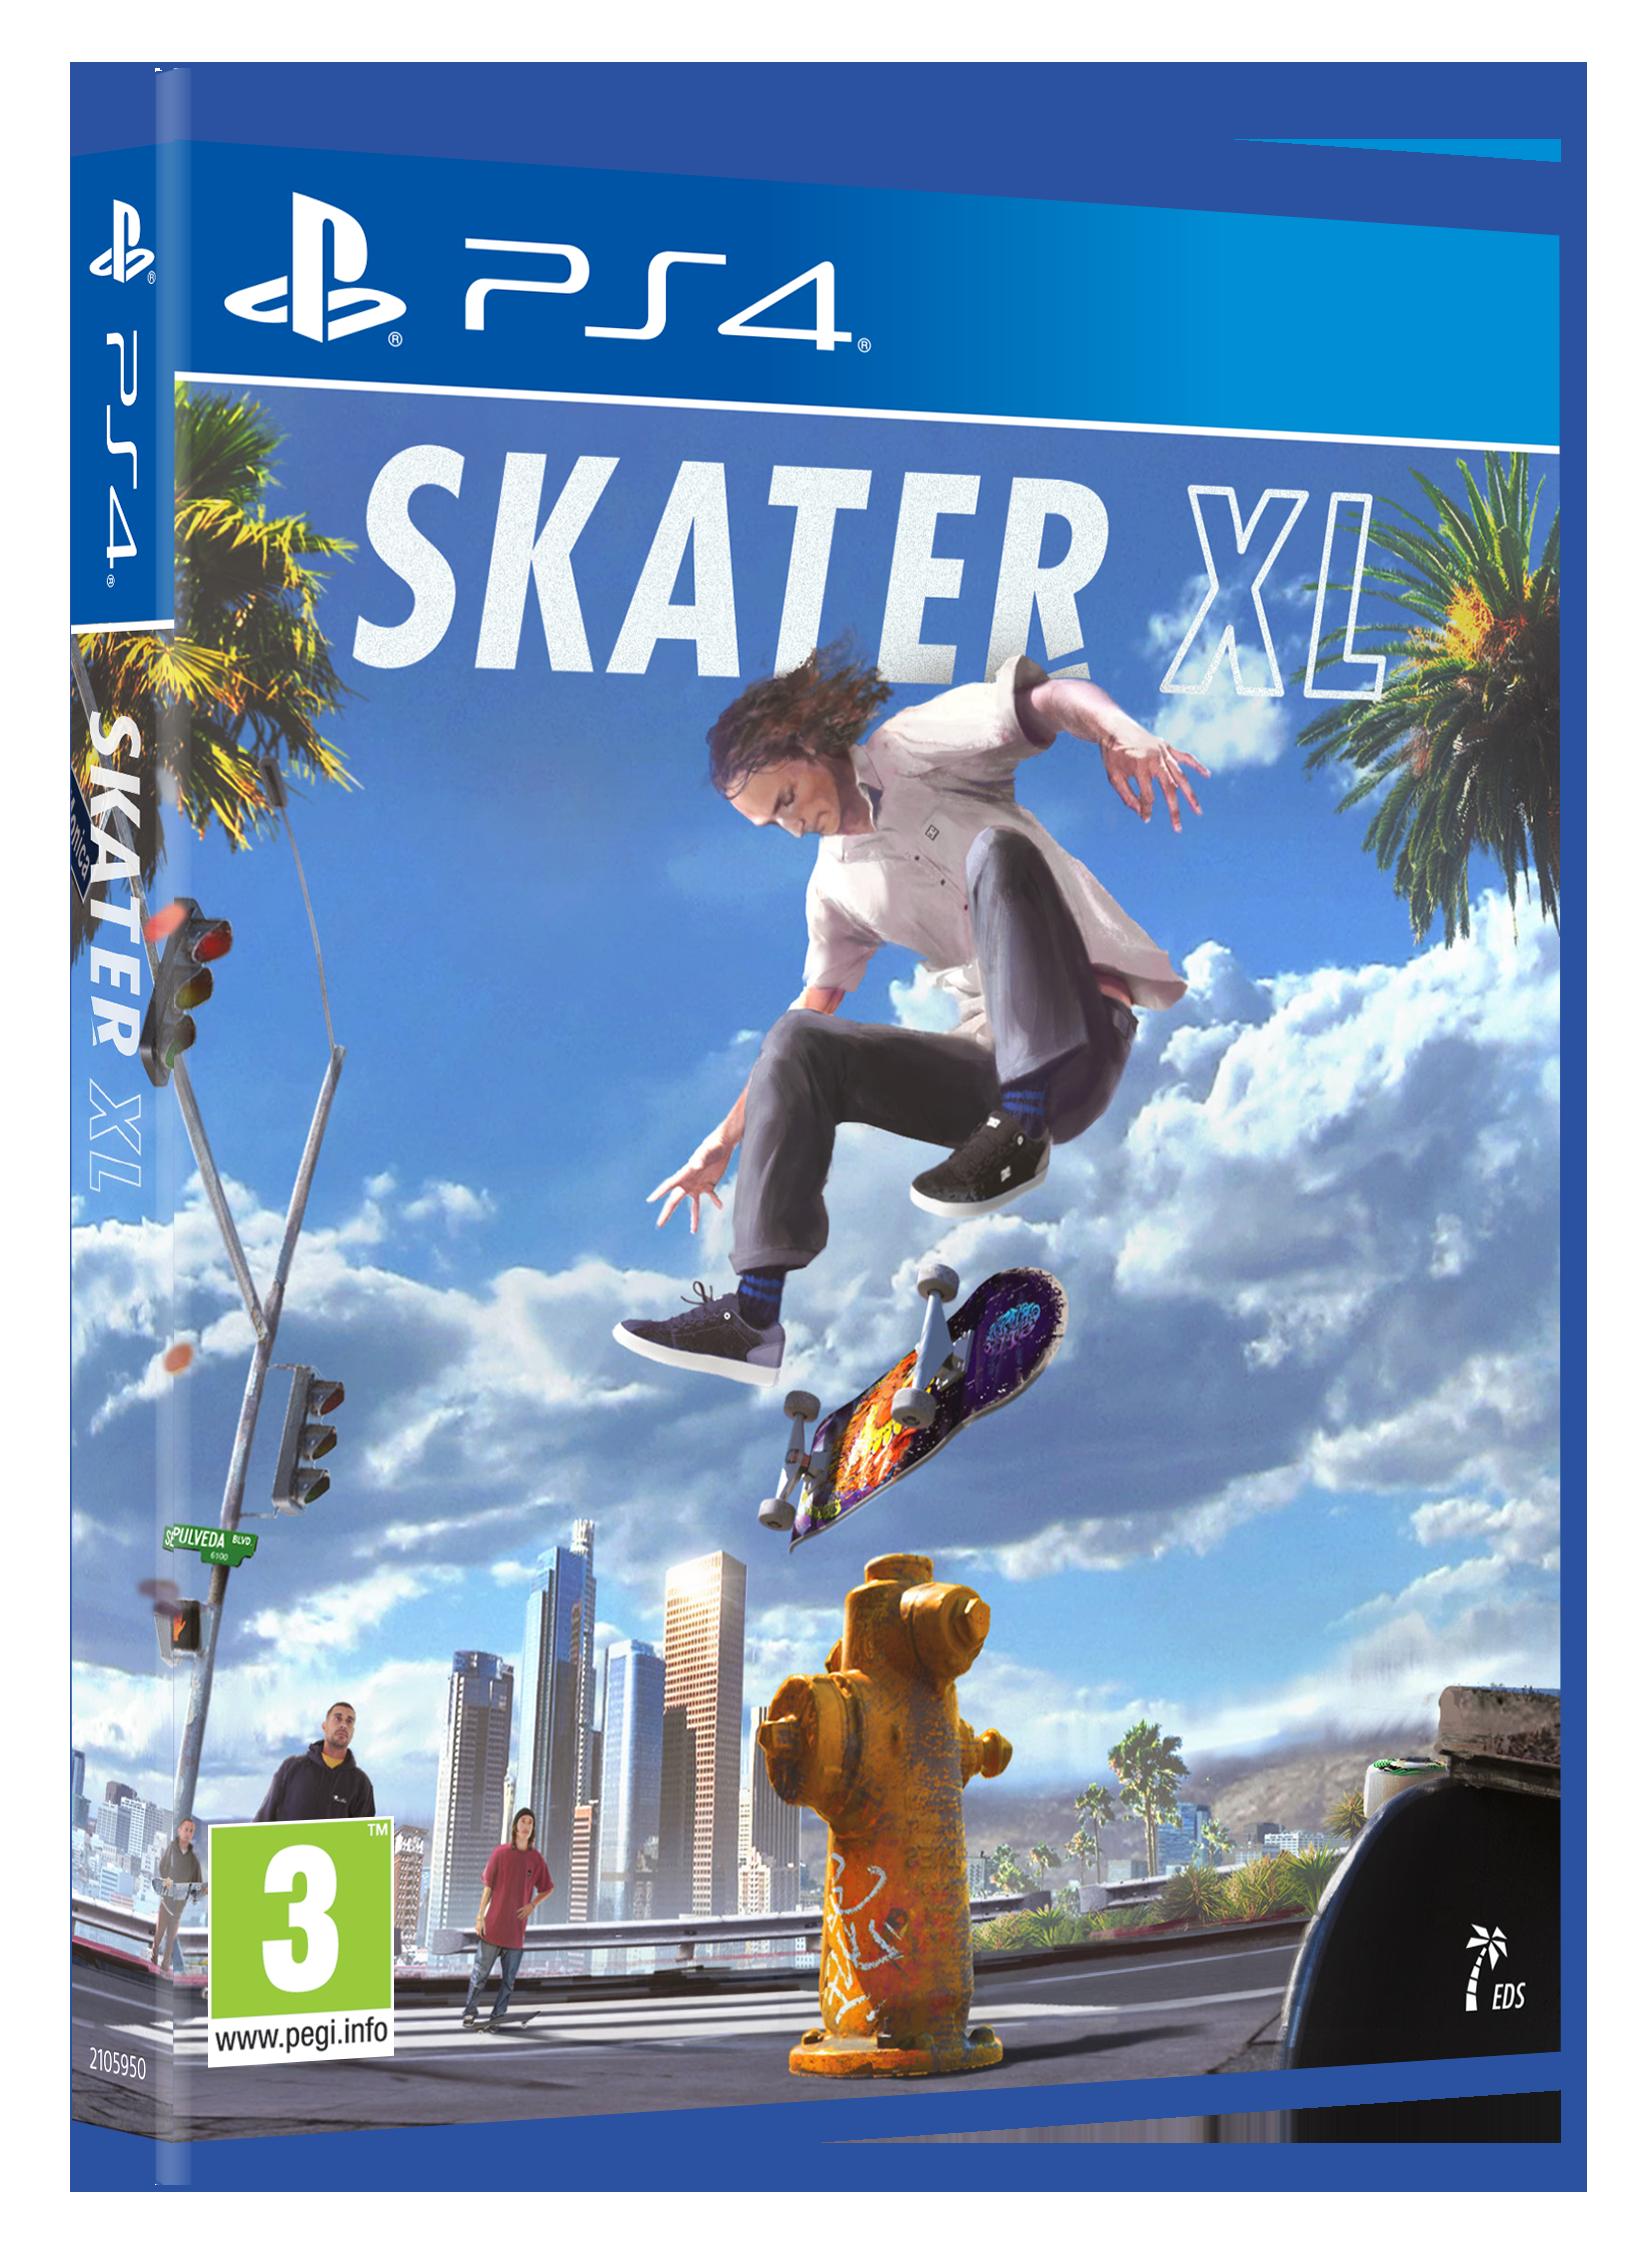 Skater_PS4_Angled_PEGI